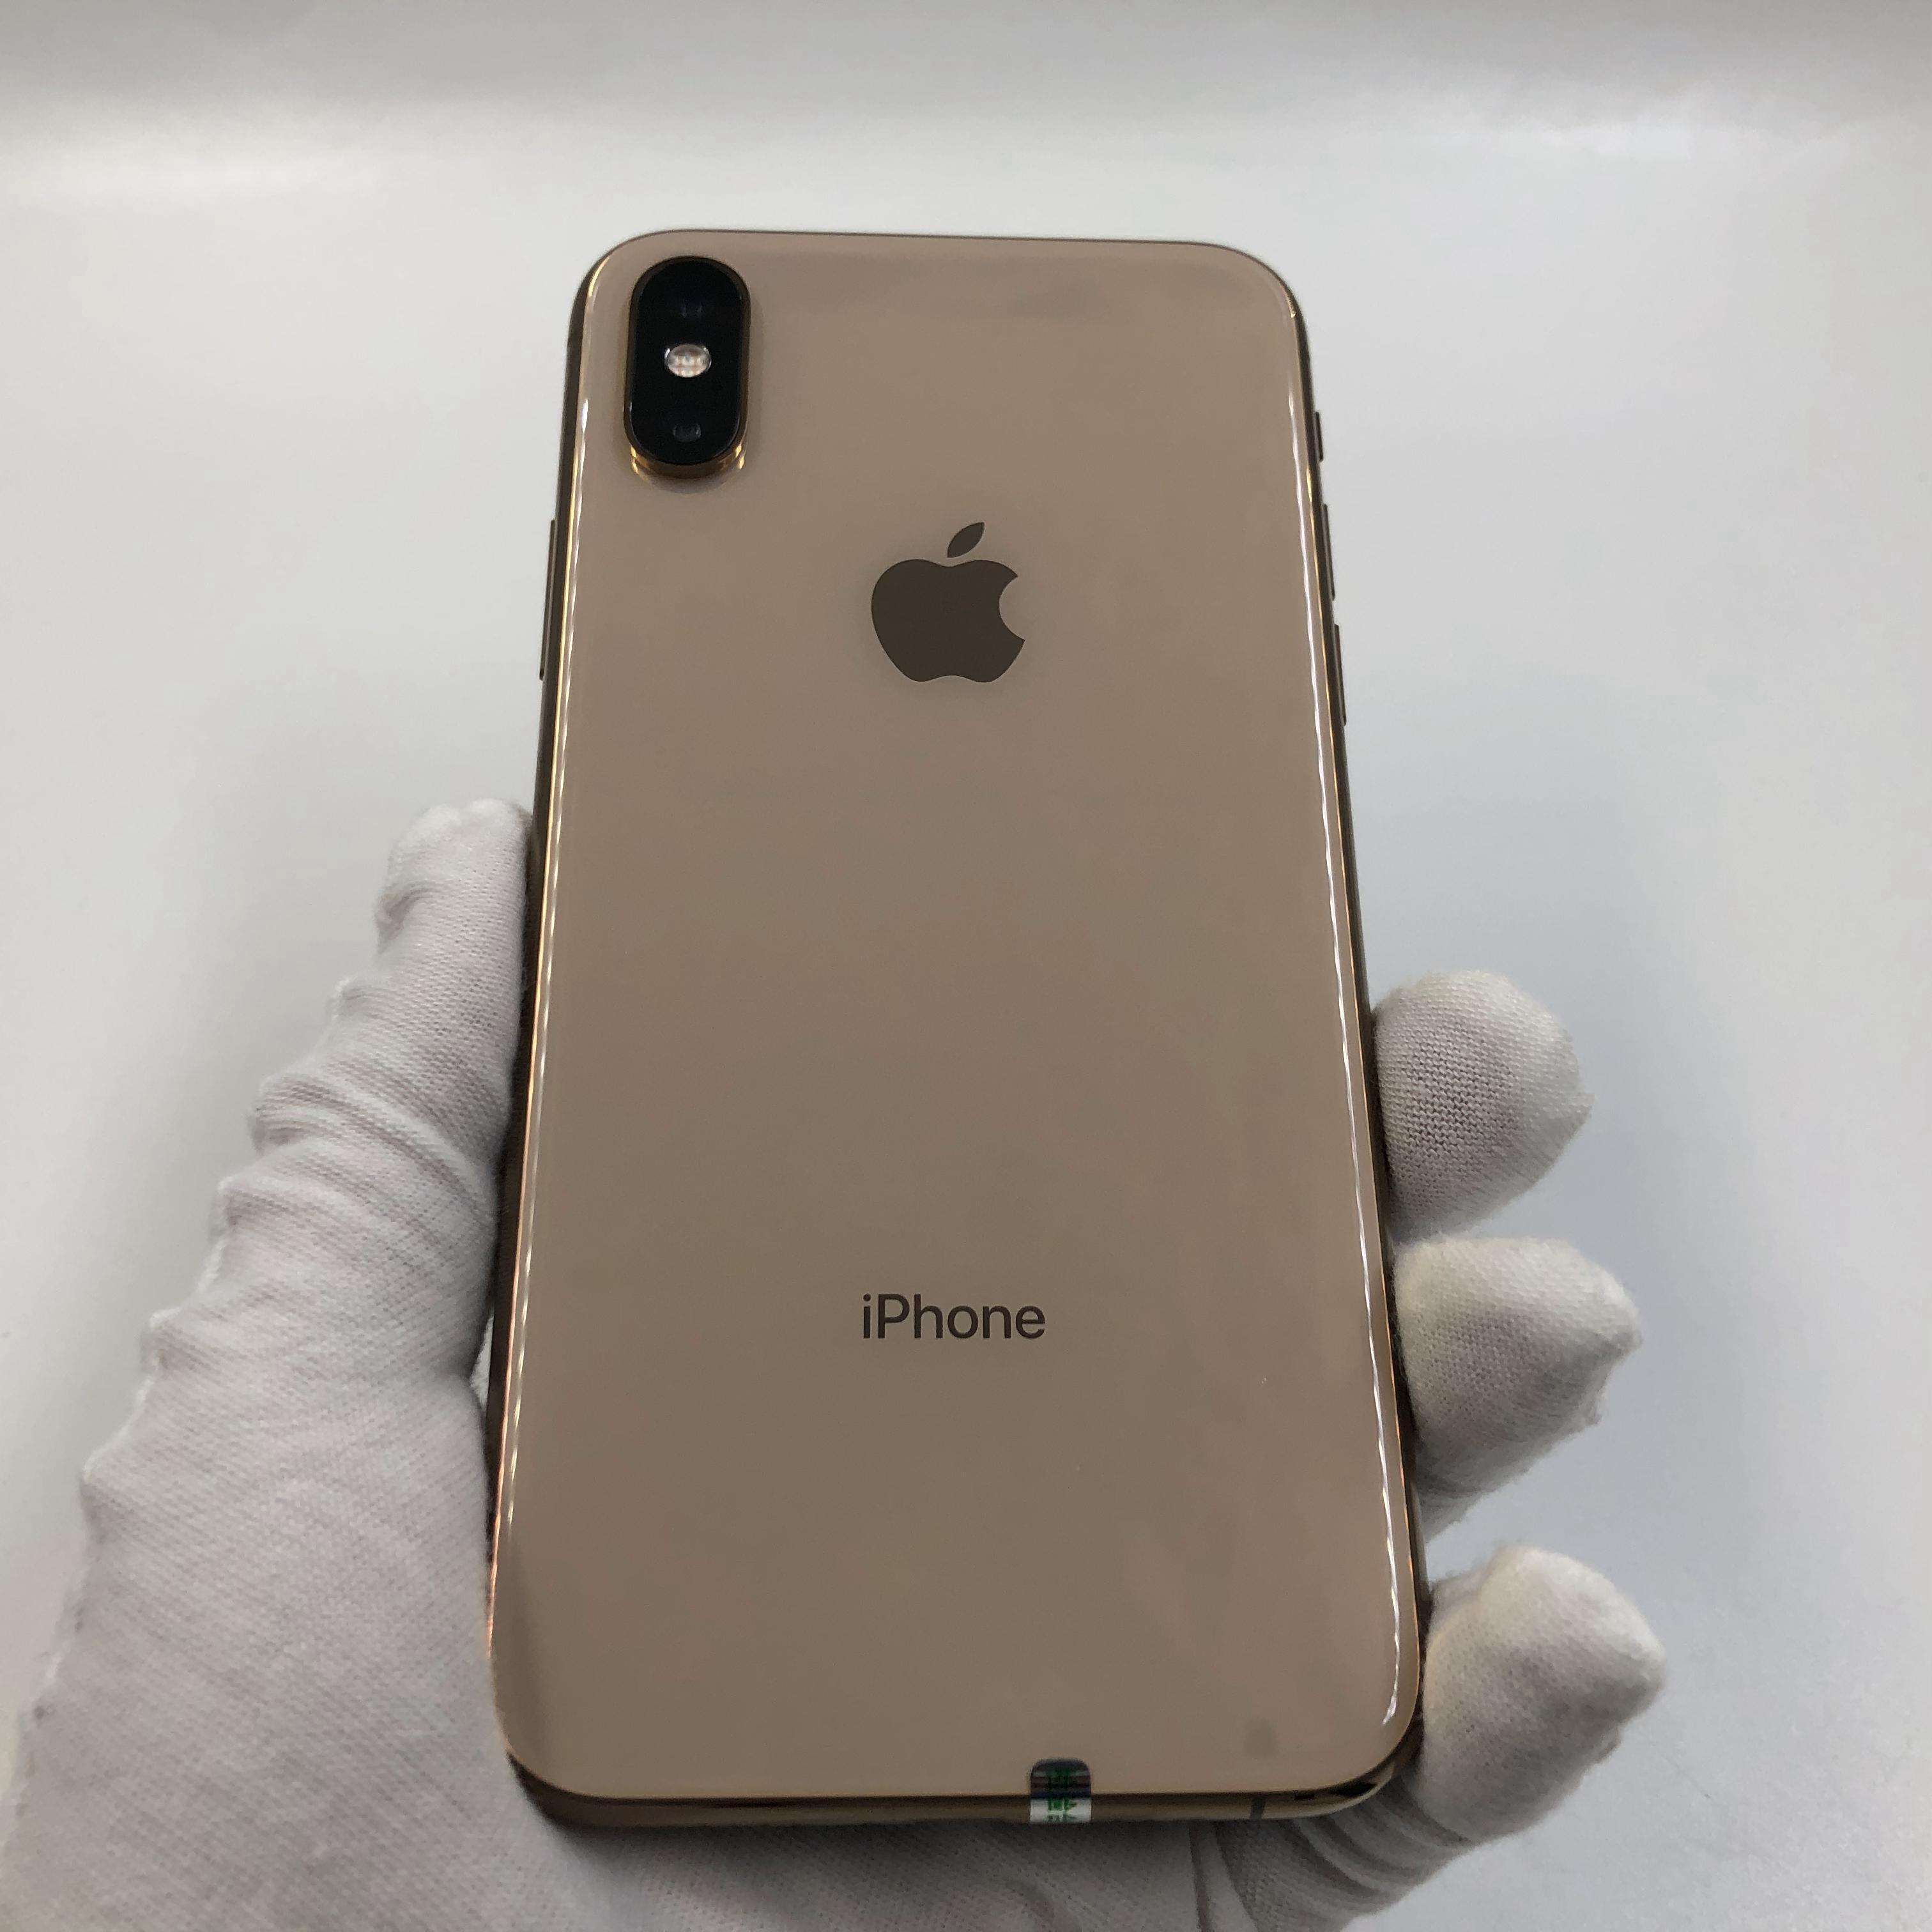 苹果【iPhone Xs】4G全网通 金色 256G 国行 95新 真机实拍